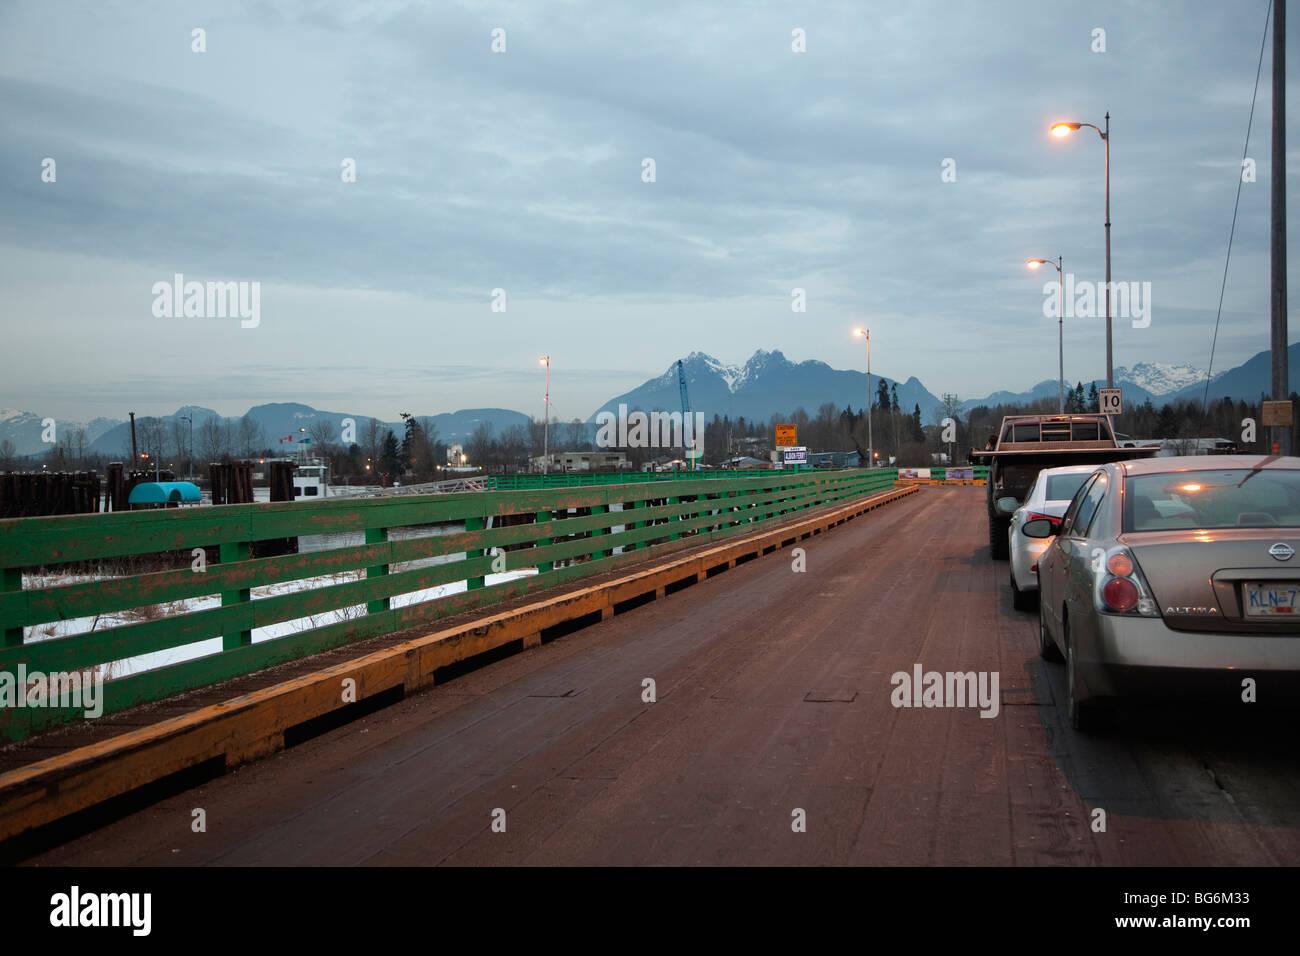 Una cola de coches esperando el Ferry de Albion, el Río Fraser, Fort Langley, BC, Canadá Imagen De Stock